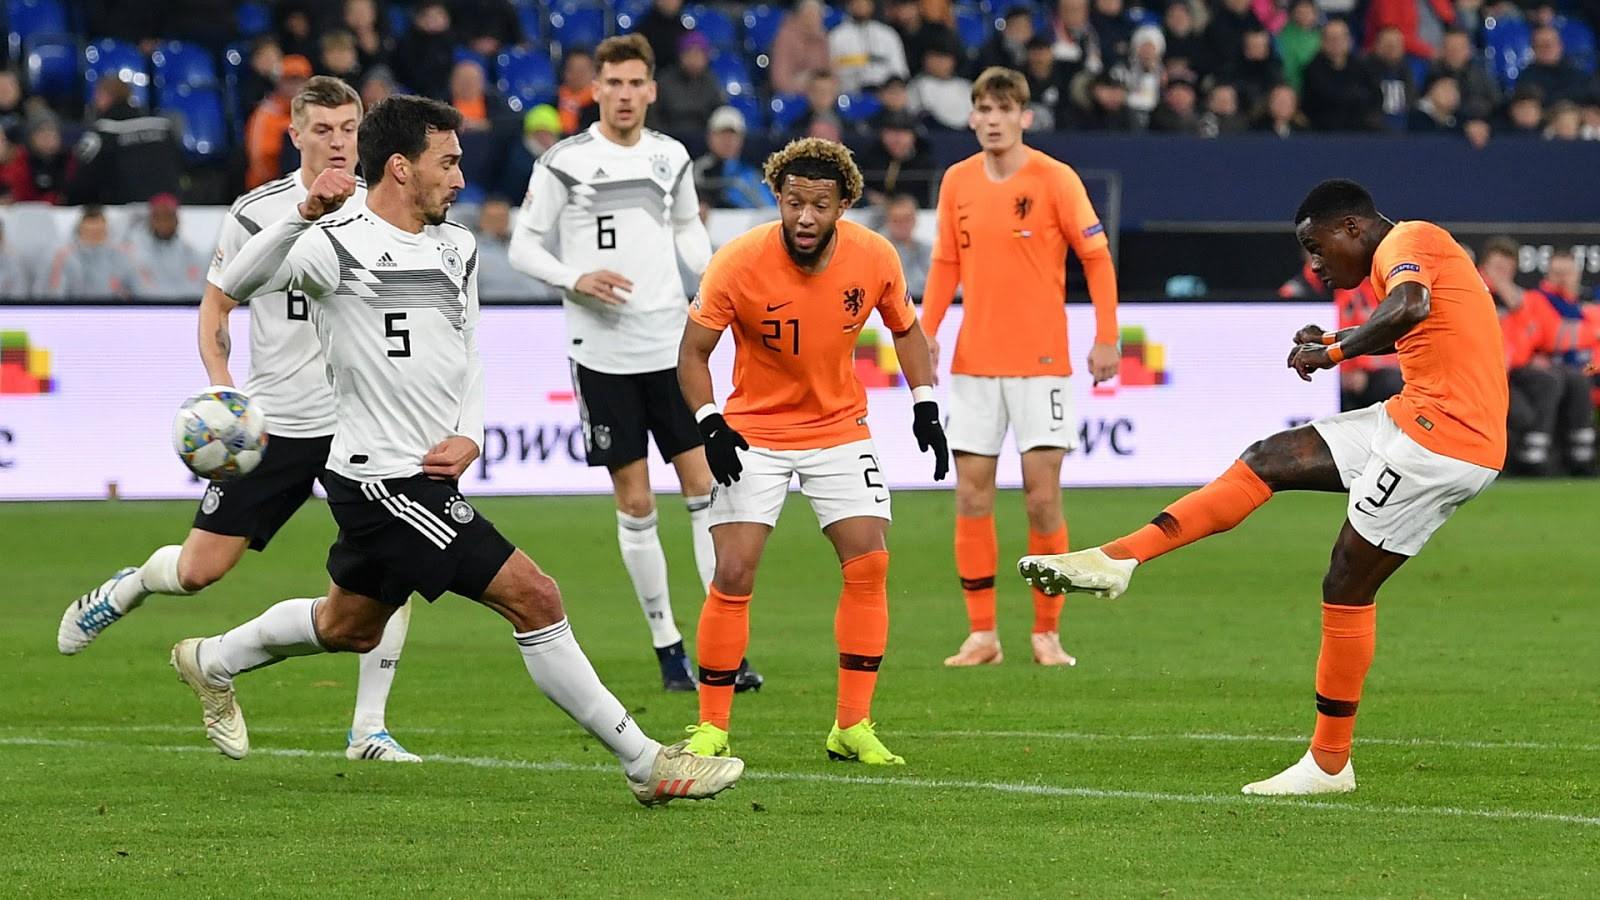 نتيجة مباراة هولندا وإستونيا الشمالية اليوم الإثنين 09/09/2019 التصفيات المؤهلة ليورو 2020